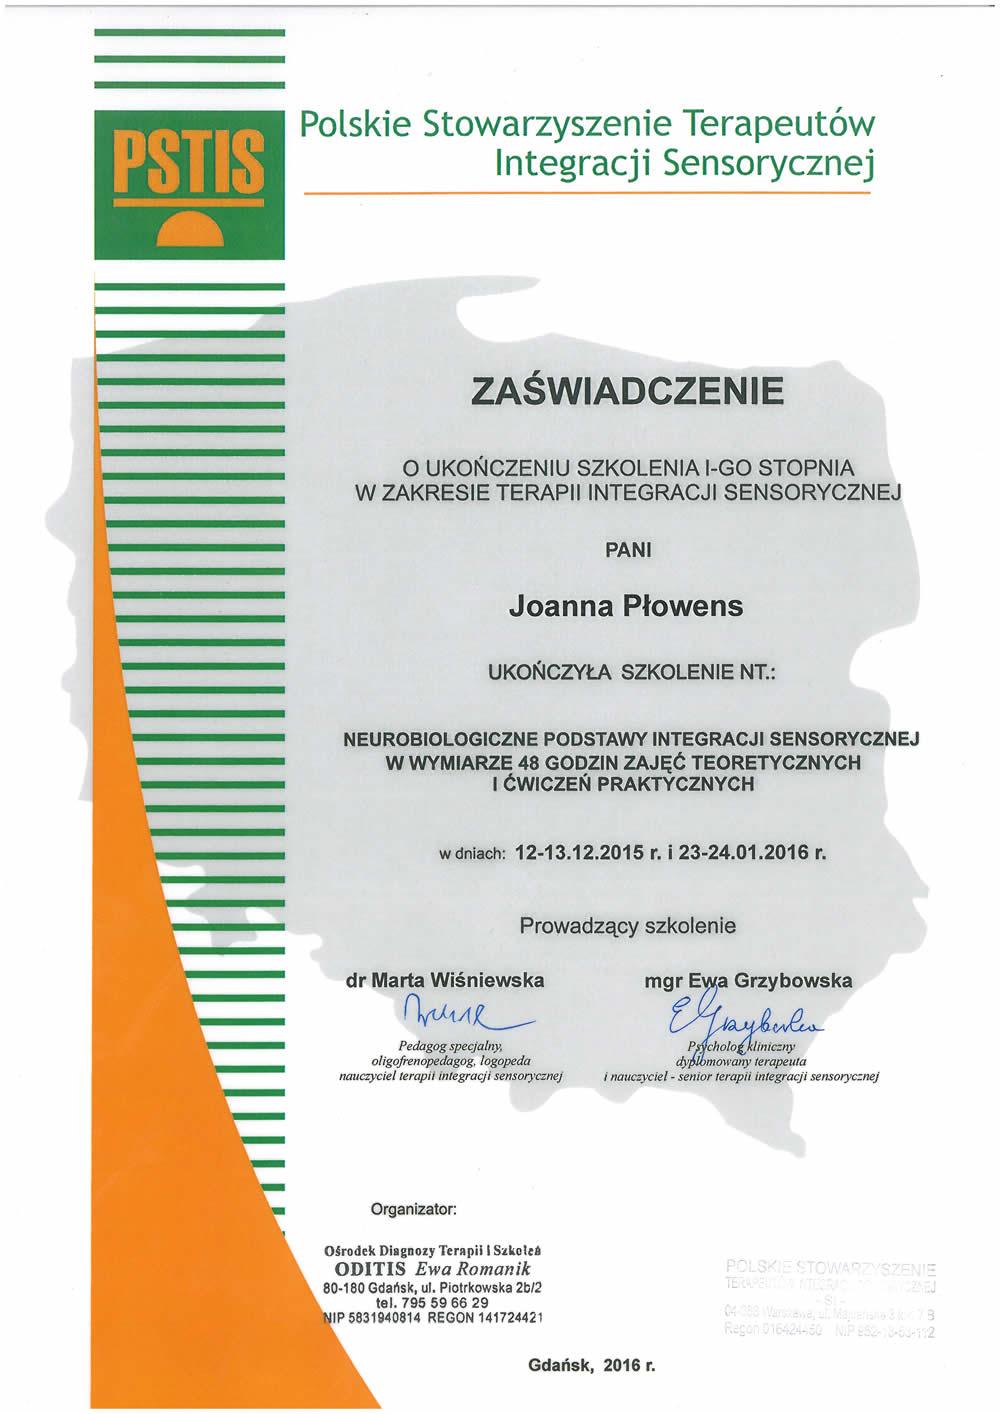 Zaświadczenie o ukończeniu szkolenia dla Pani Joanny Płowens